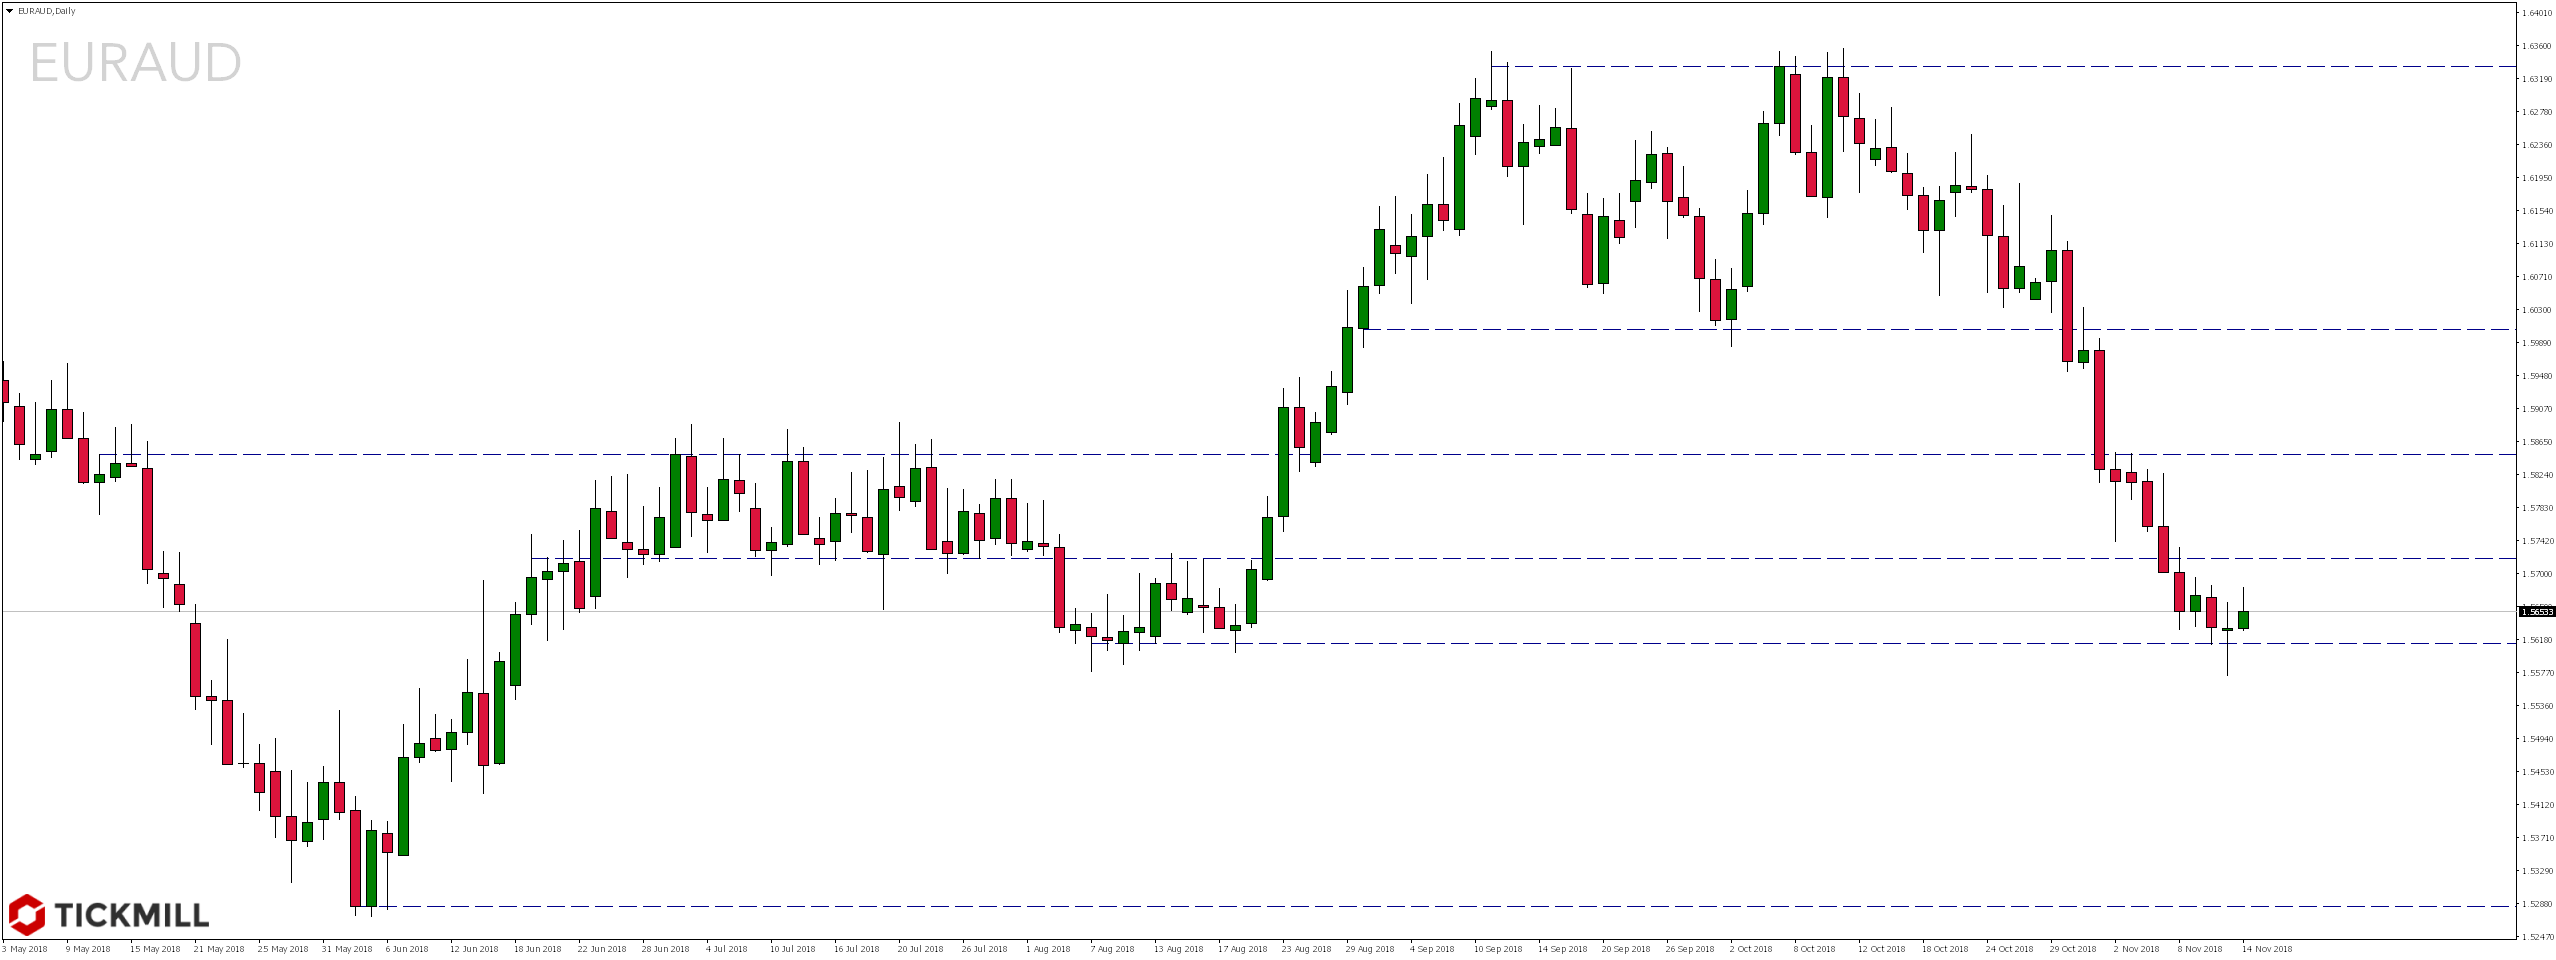 Najciekawsze setupy dnia – 14.11.2018 - notowania pary walutowej EURAUD